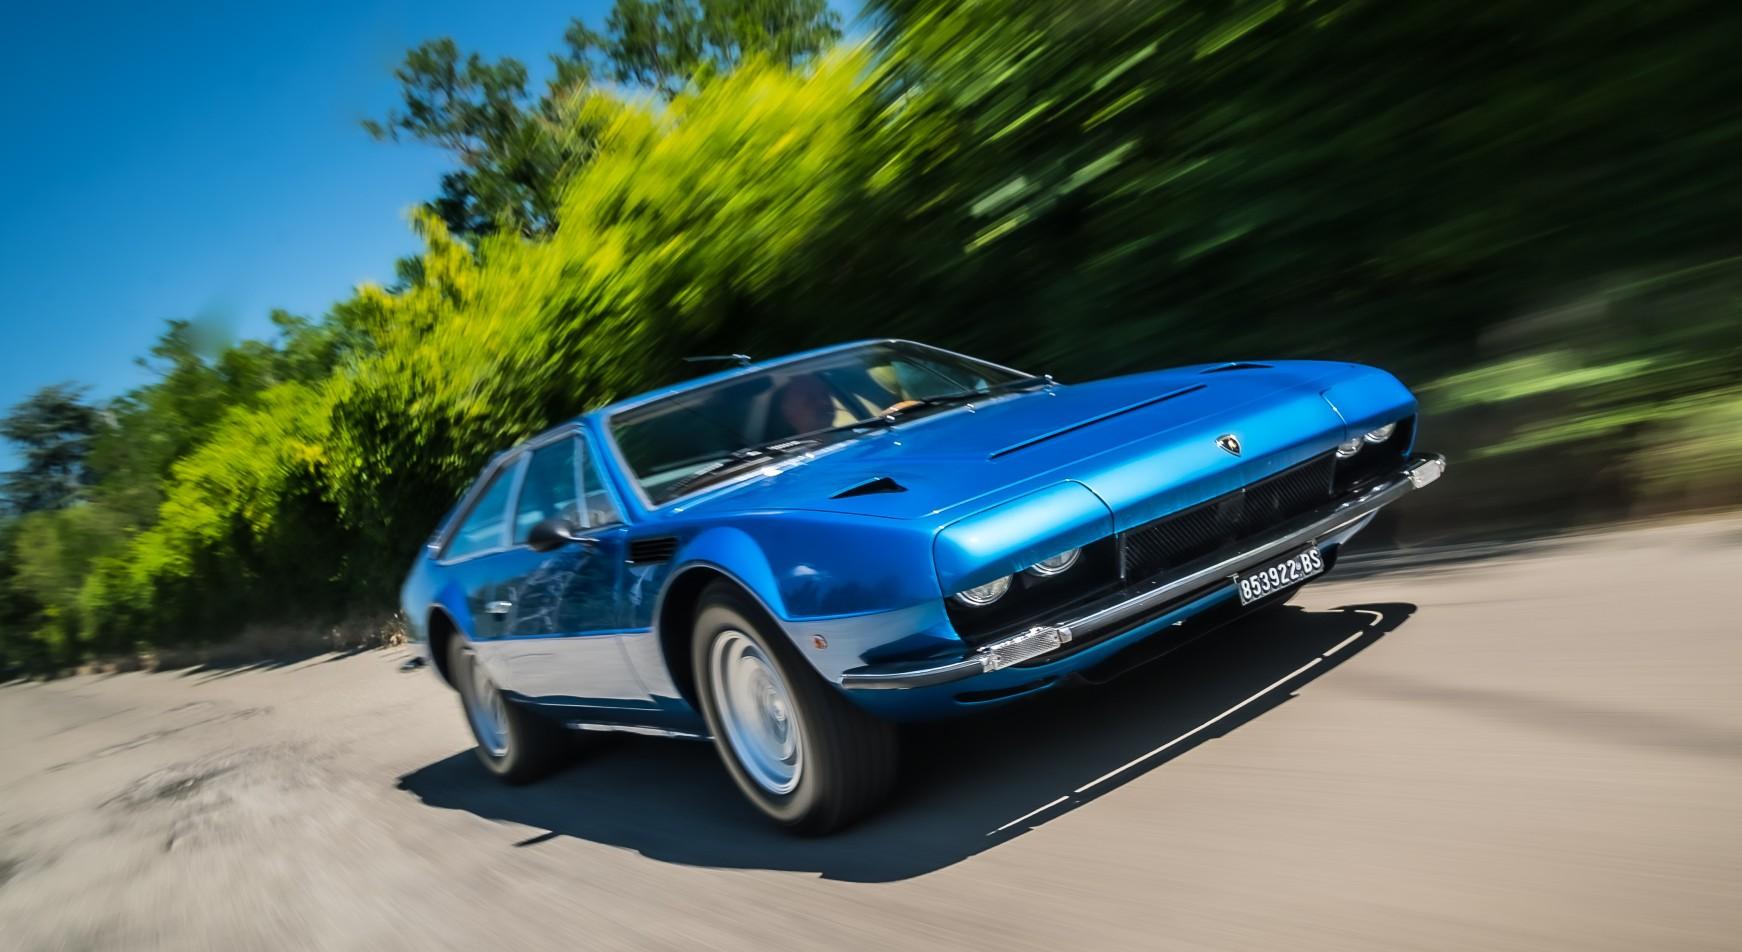 Lamborghini Jarama, 50 años de historia - Eventos Motor